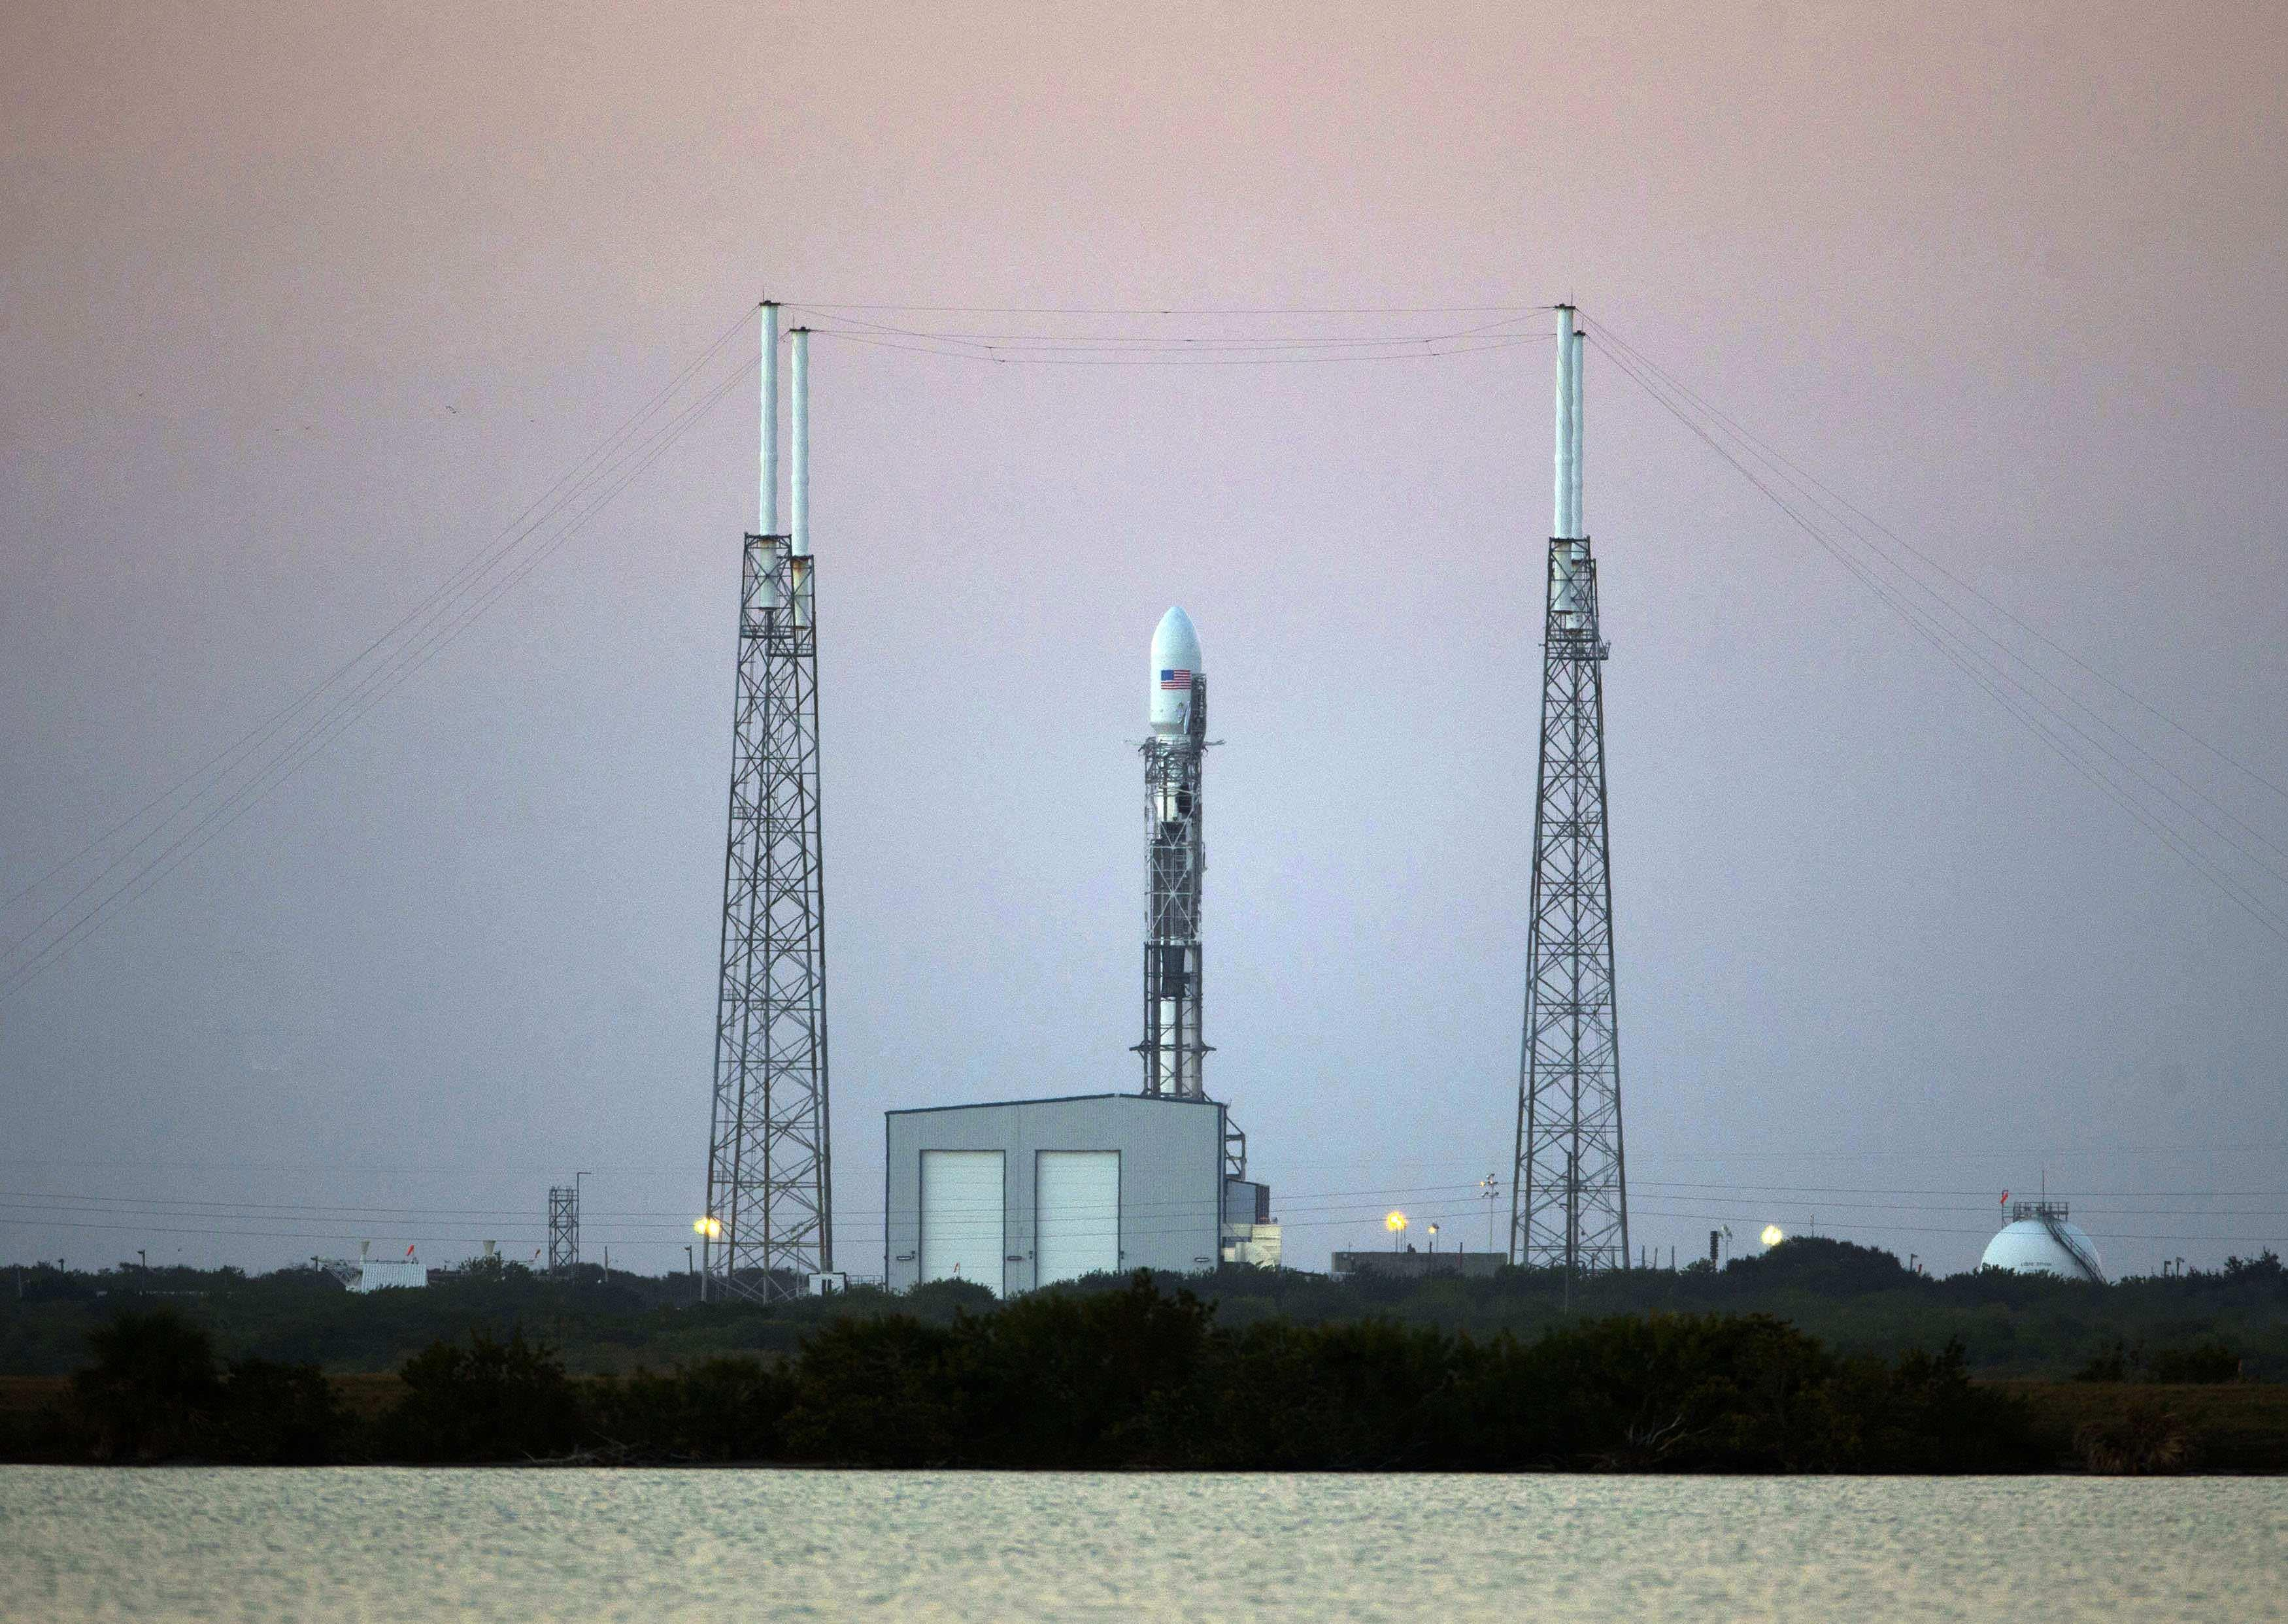 SpaceX готовит революцию в космонавтике. Управляемый спуск ступени Falcon намечен на 17 января